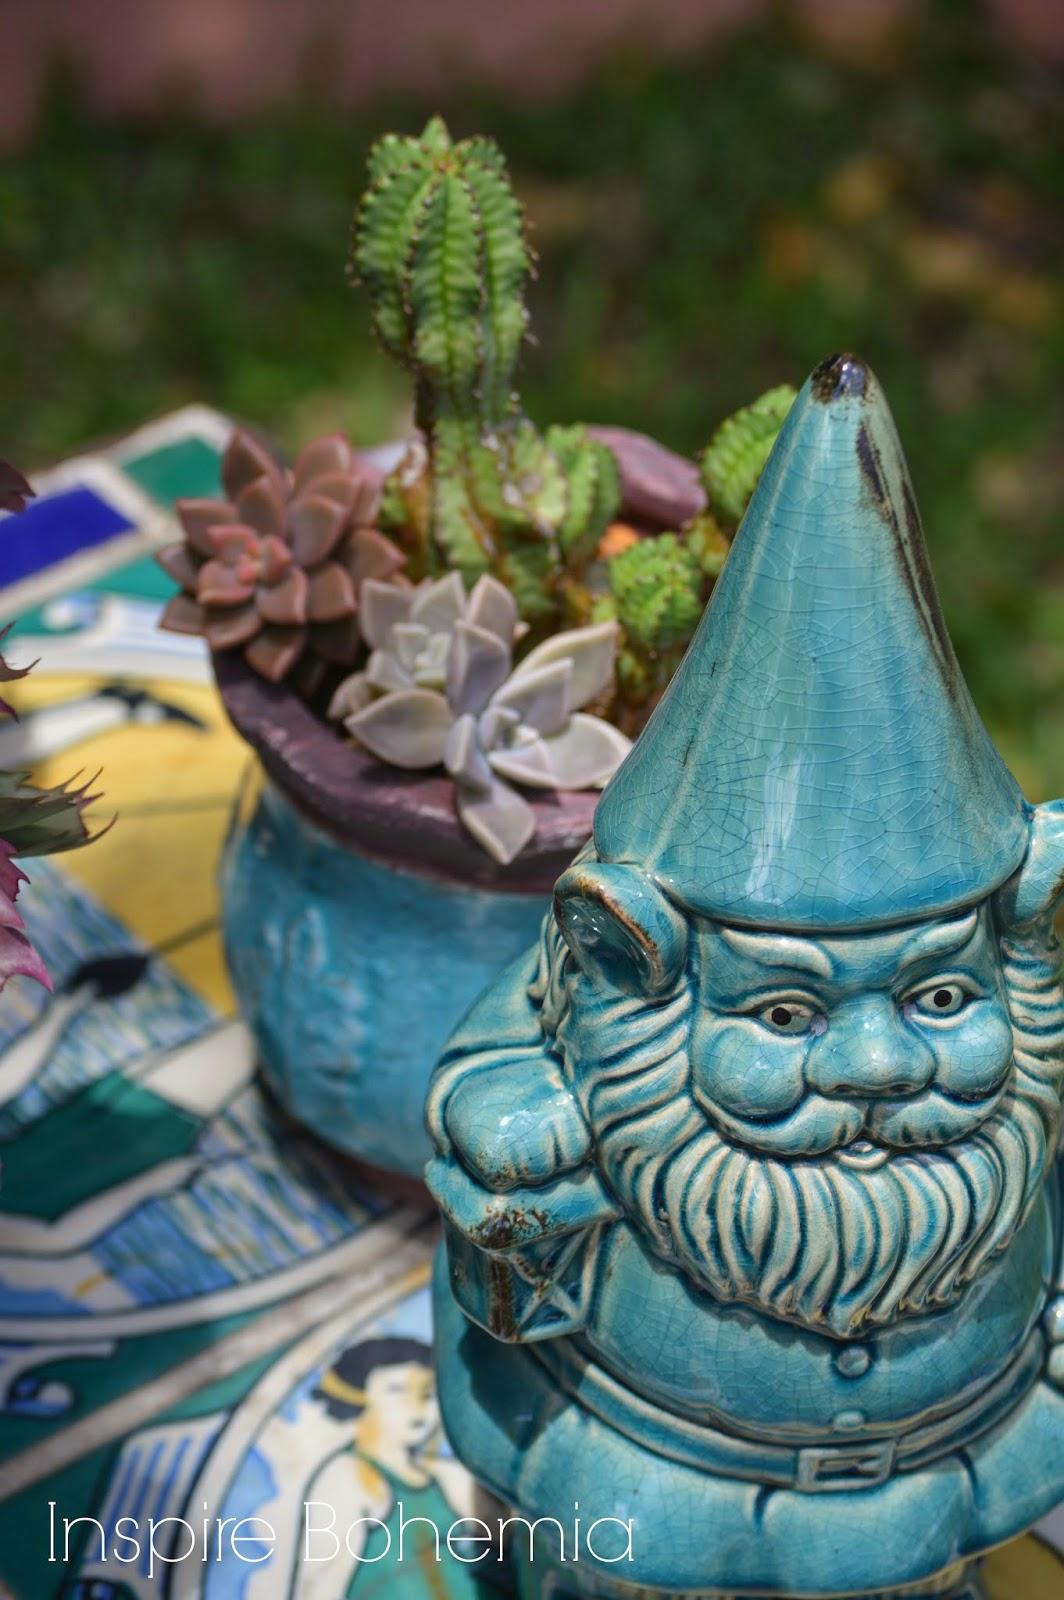 Gnome 4: Inspire Bohemia: Garden Gnomes